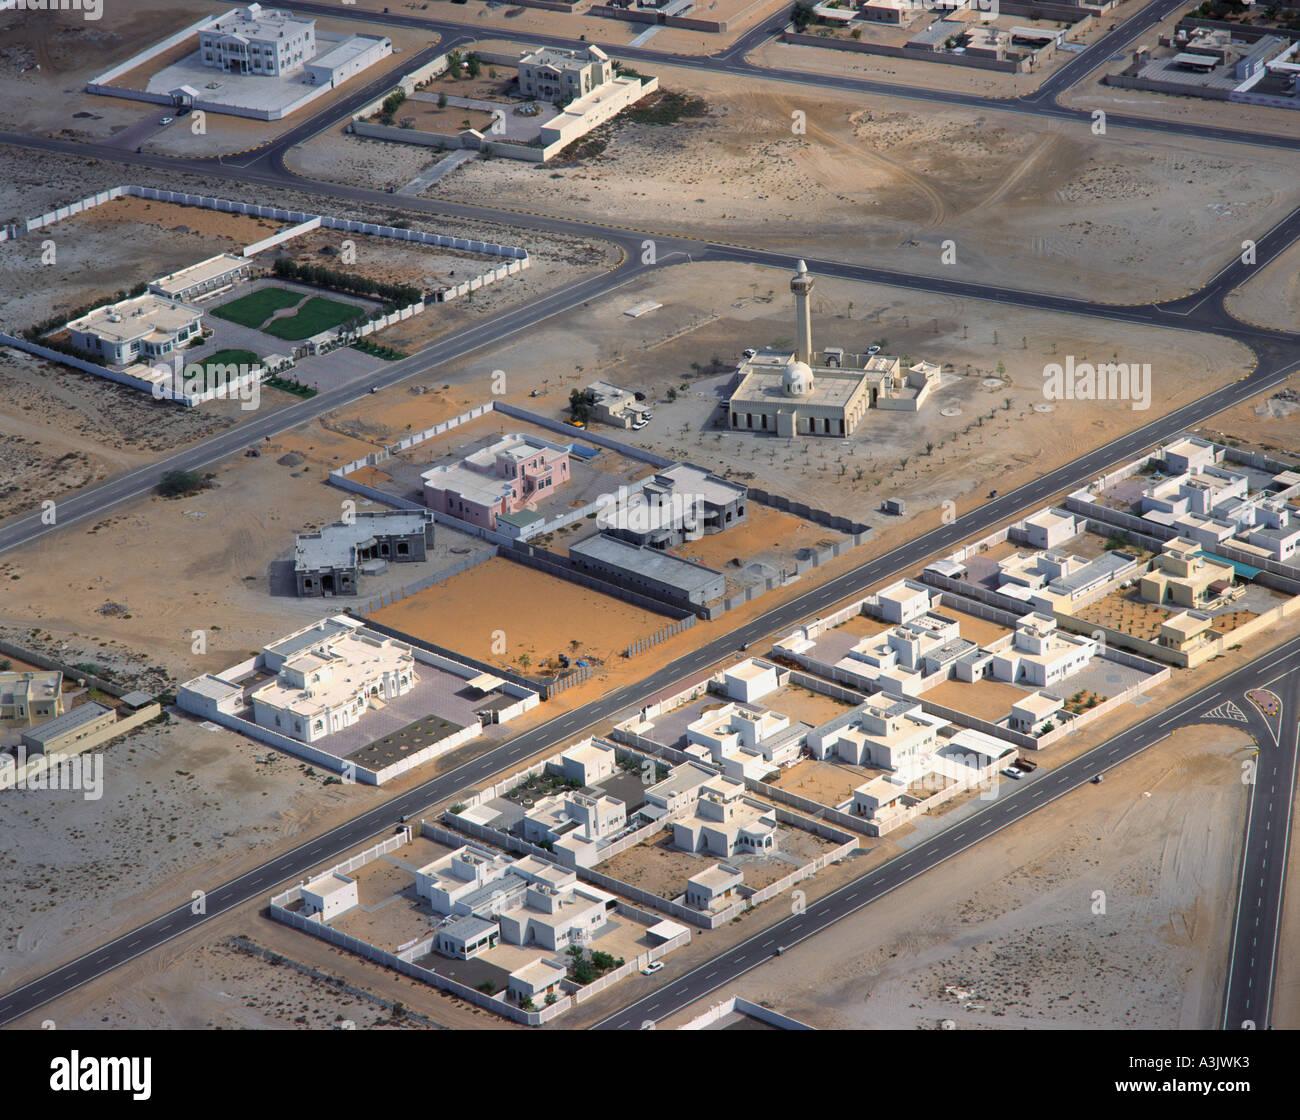 Fish aquarium in umm al quwain - Housing And Mosque Umm Al Quwain Dubai Uae Aerial View Stock Image